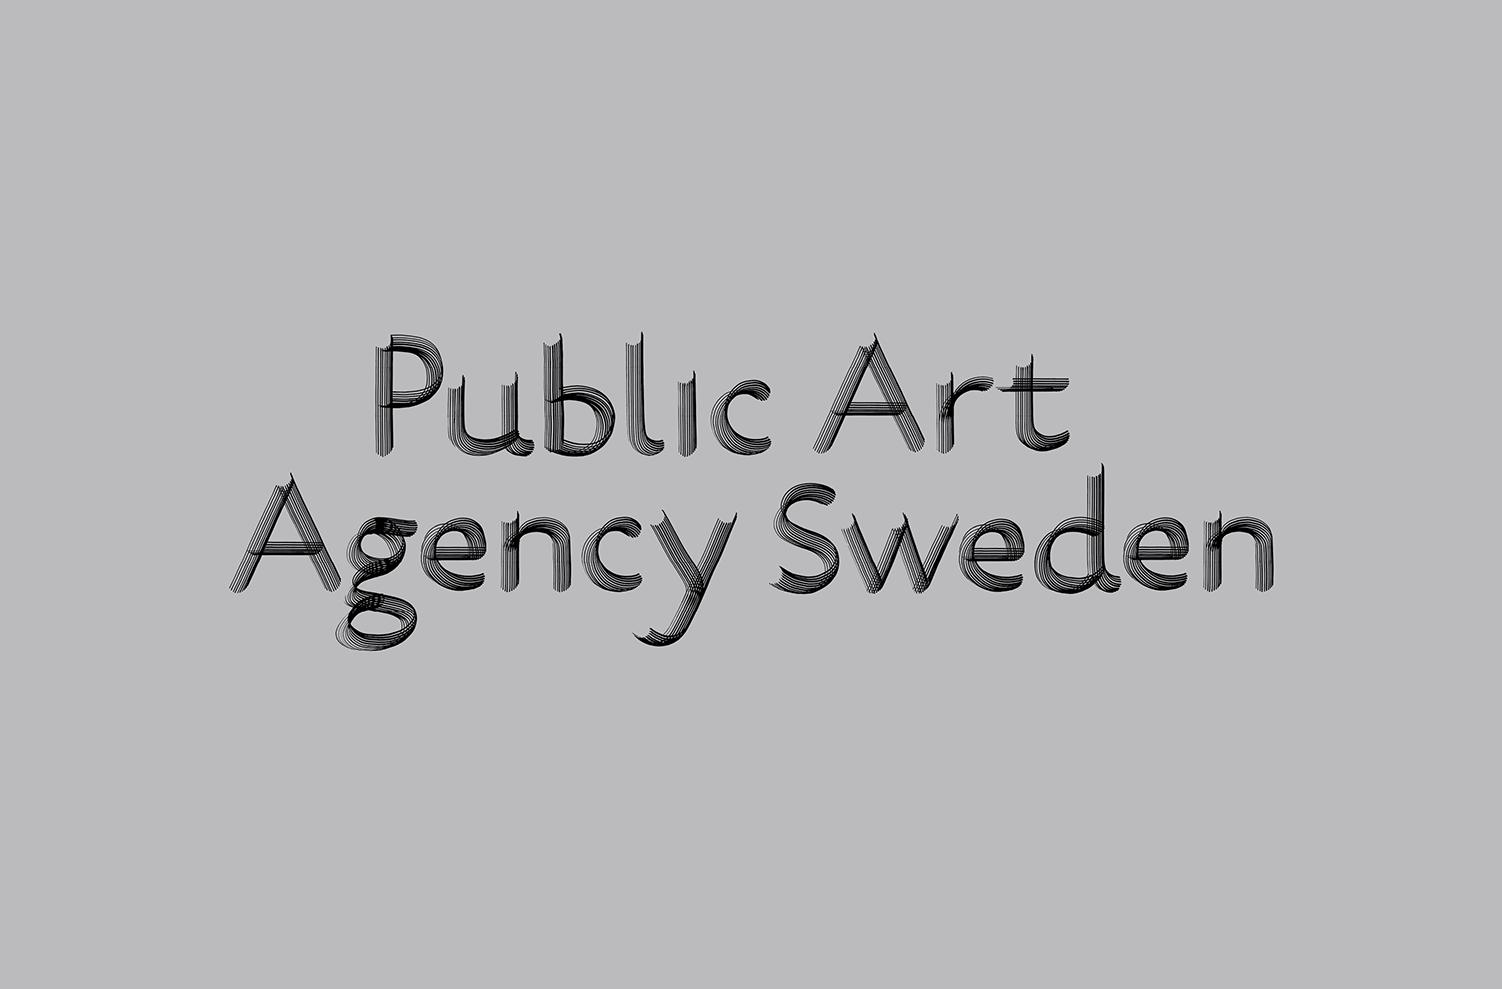 ritator_public_art_agency_sweden_identity_2